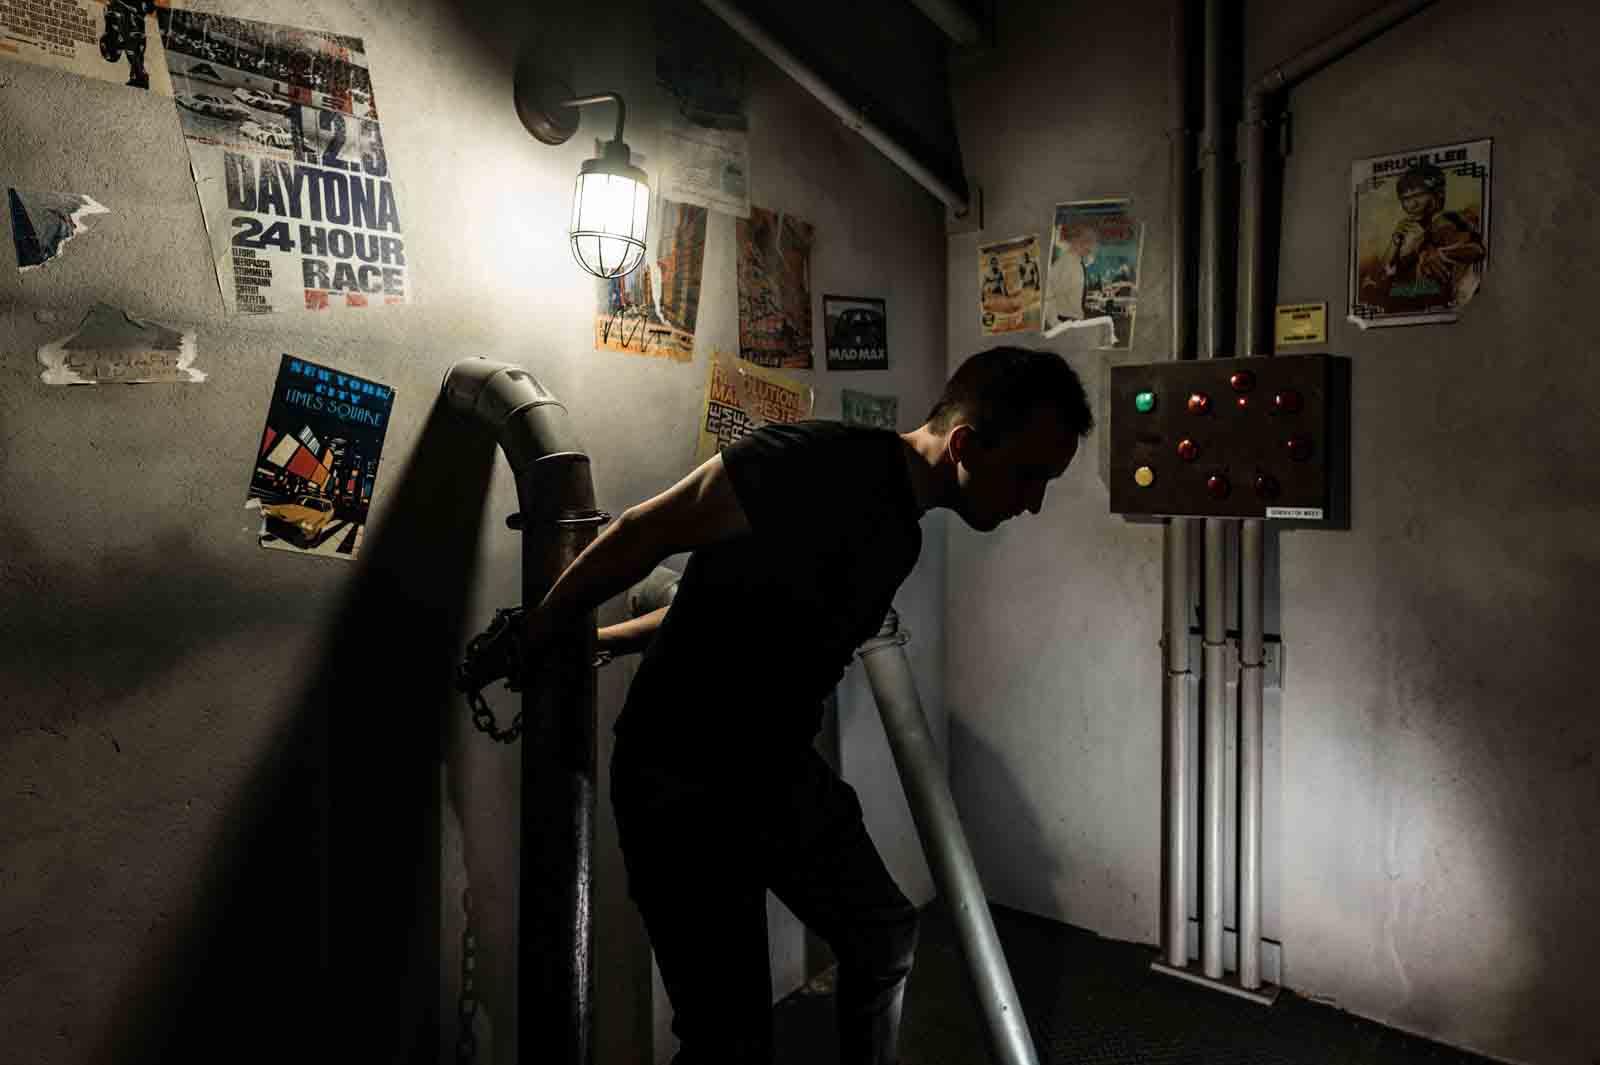 Homme retenu en otage dans les souterrains new-yorkais de Contagion